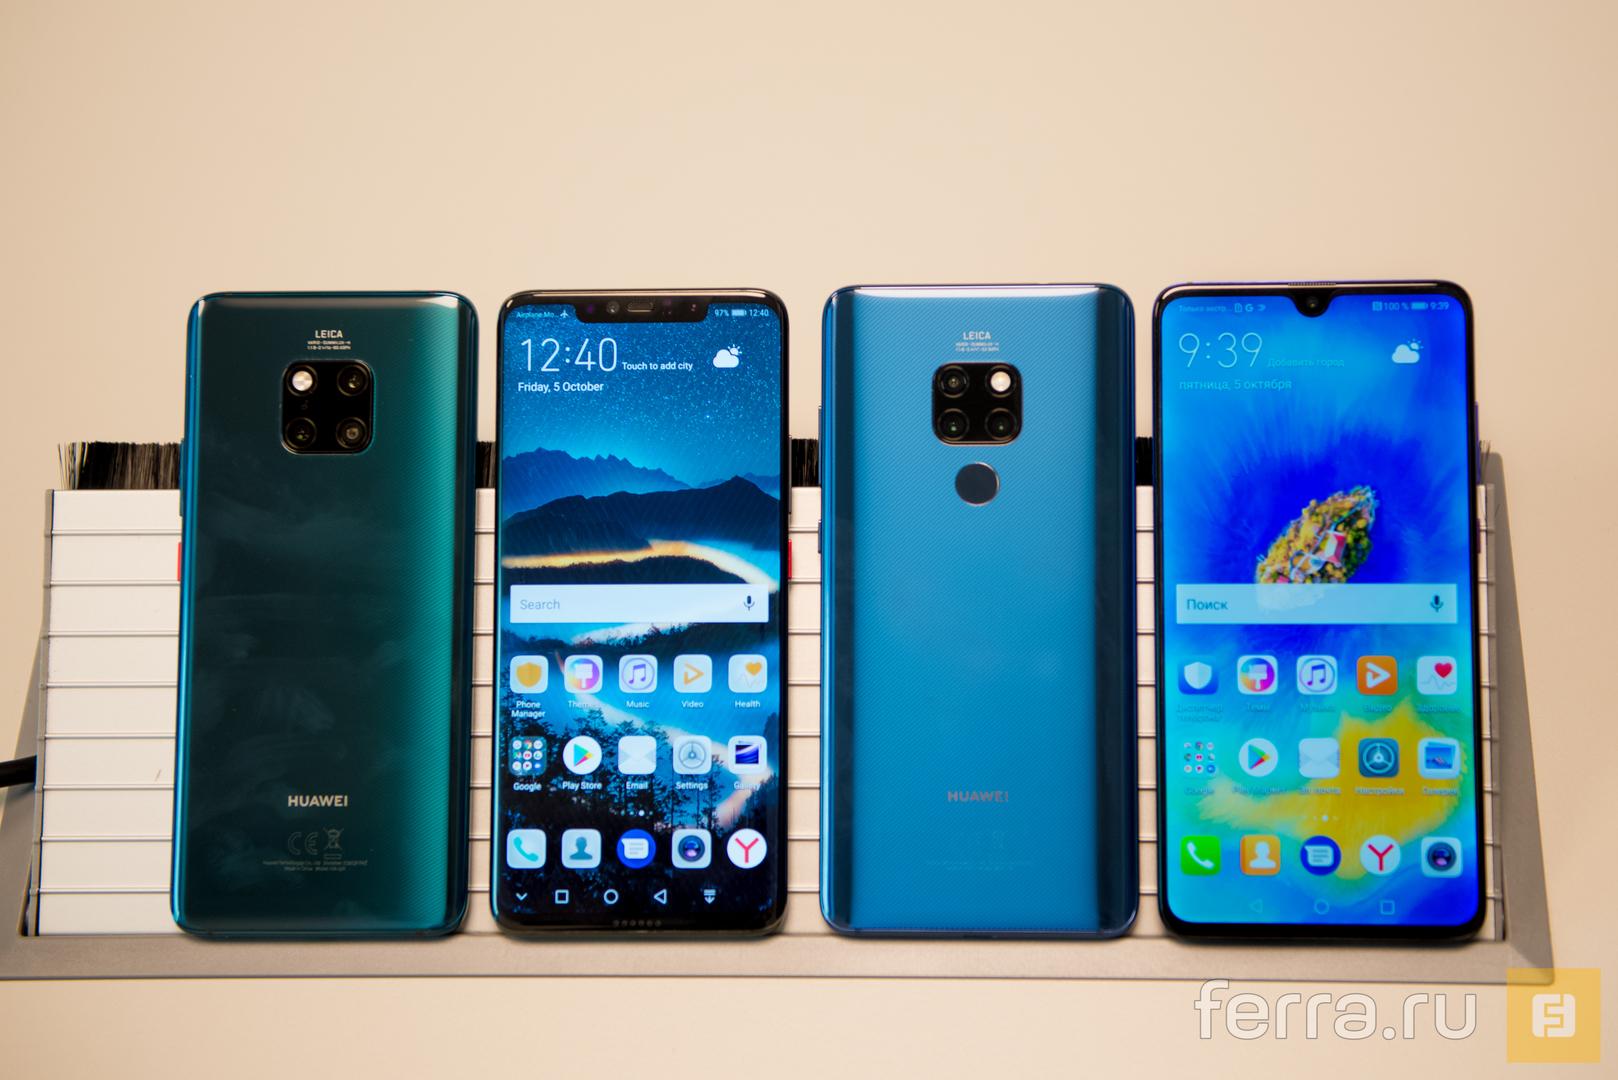 Россияне стали покупать больше смартфонов дороже 45 тысяч рублей